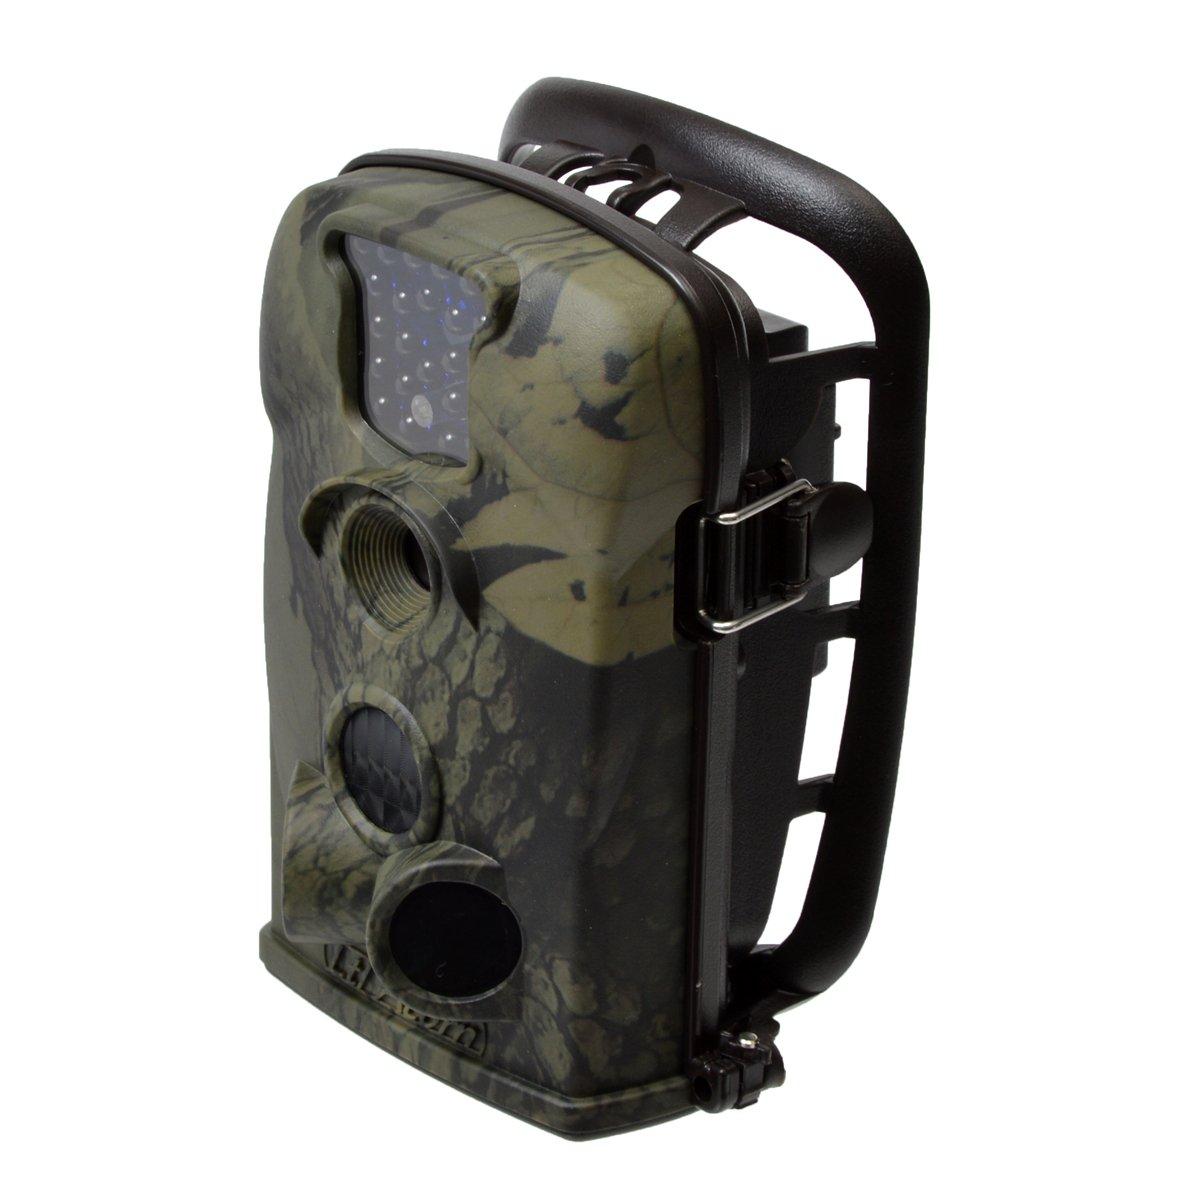 サンコー 自動録画監視カメラ「MPSC-12」 LT5210A2 B00AHUXXSE